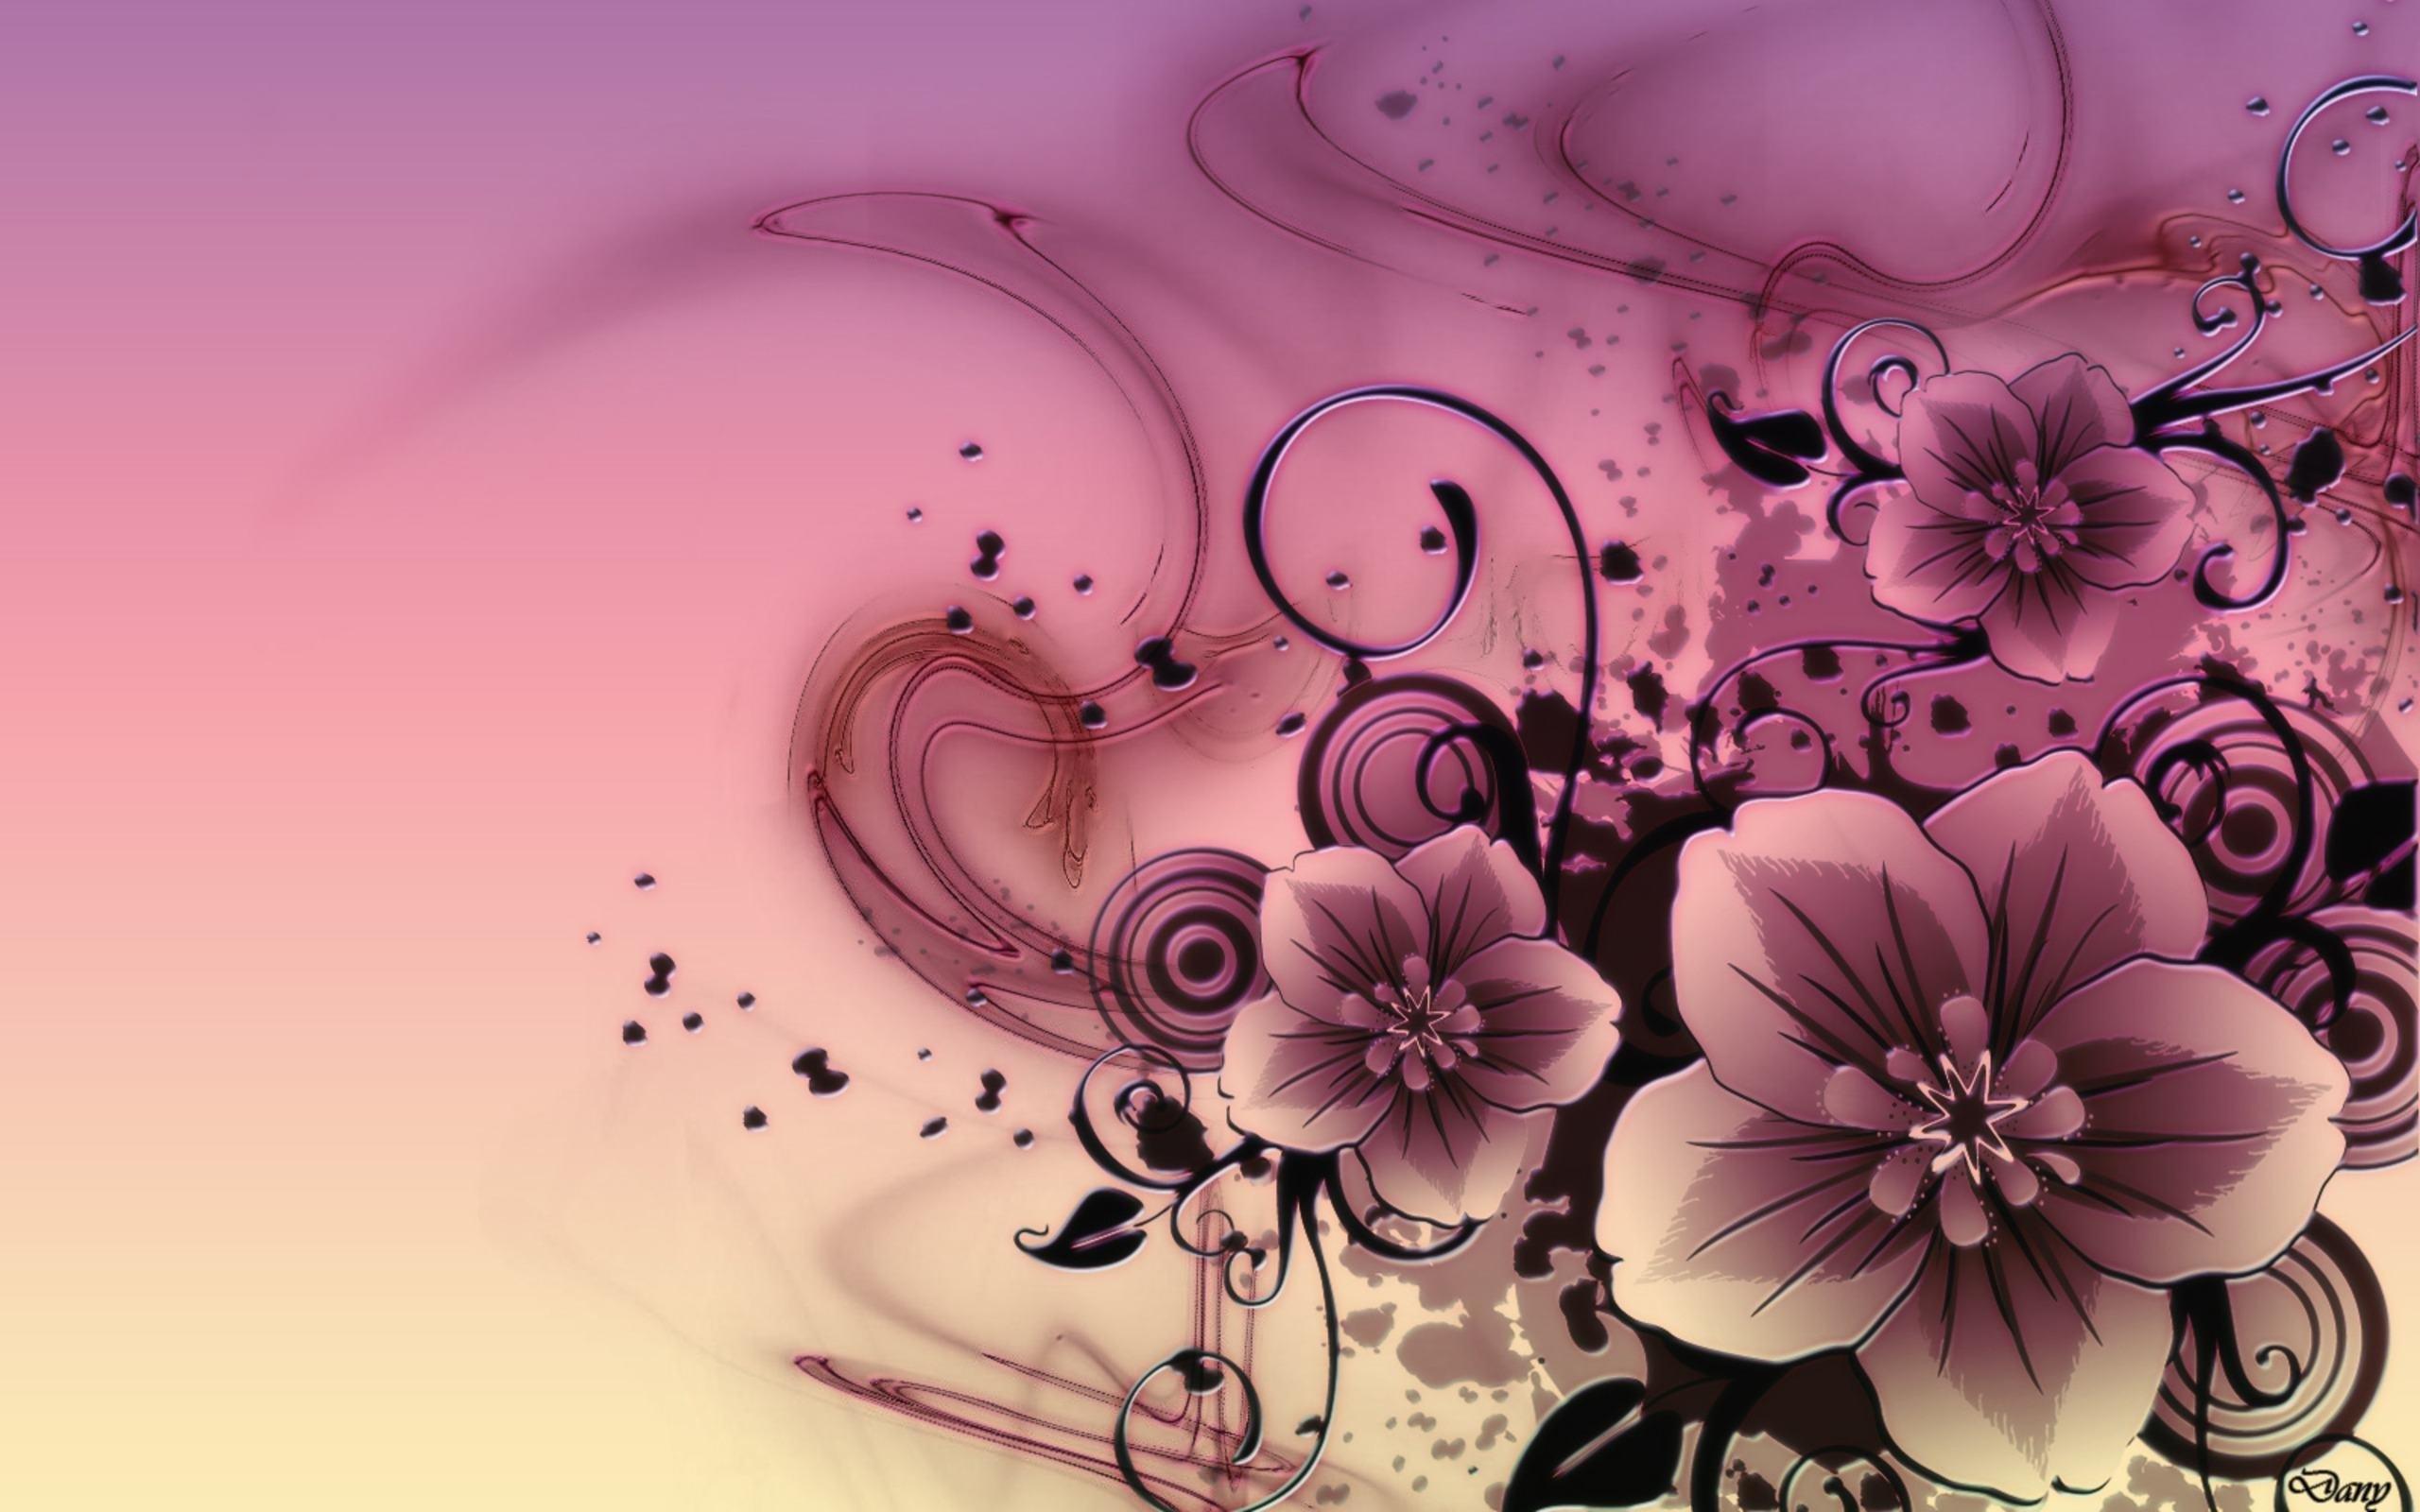 beautiful wallpapers for desktop full screen (55+ images)